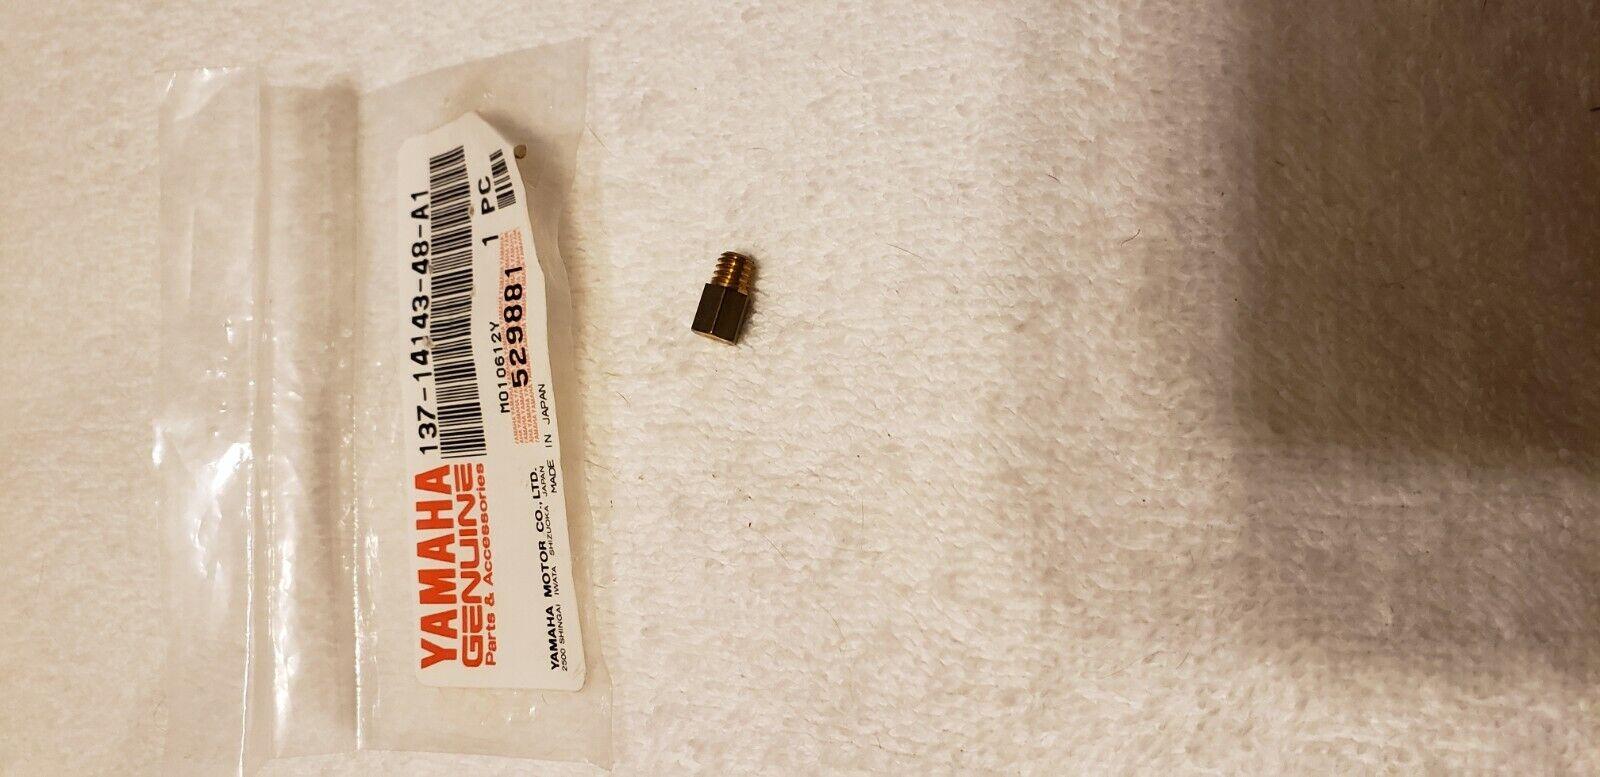 YamahaOEM 137-14143-48-A1 Jet, Main (#240)Carburetor